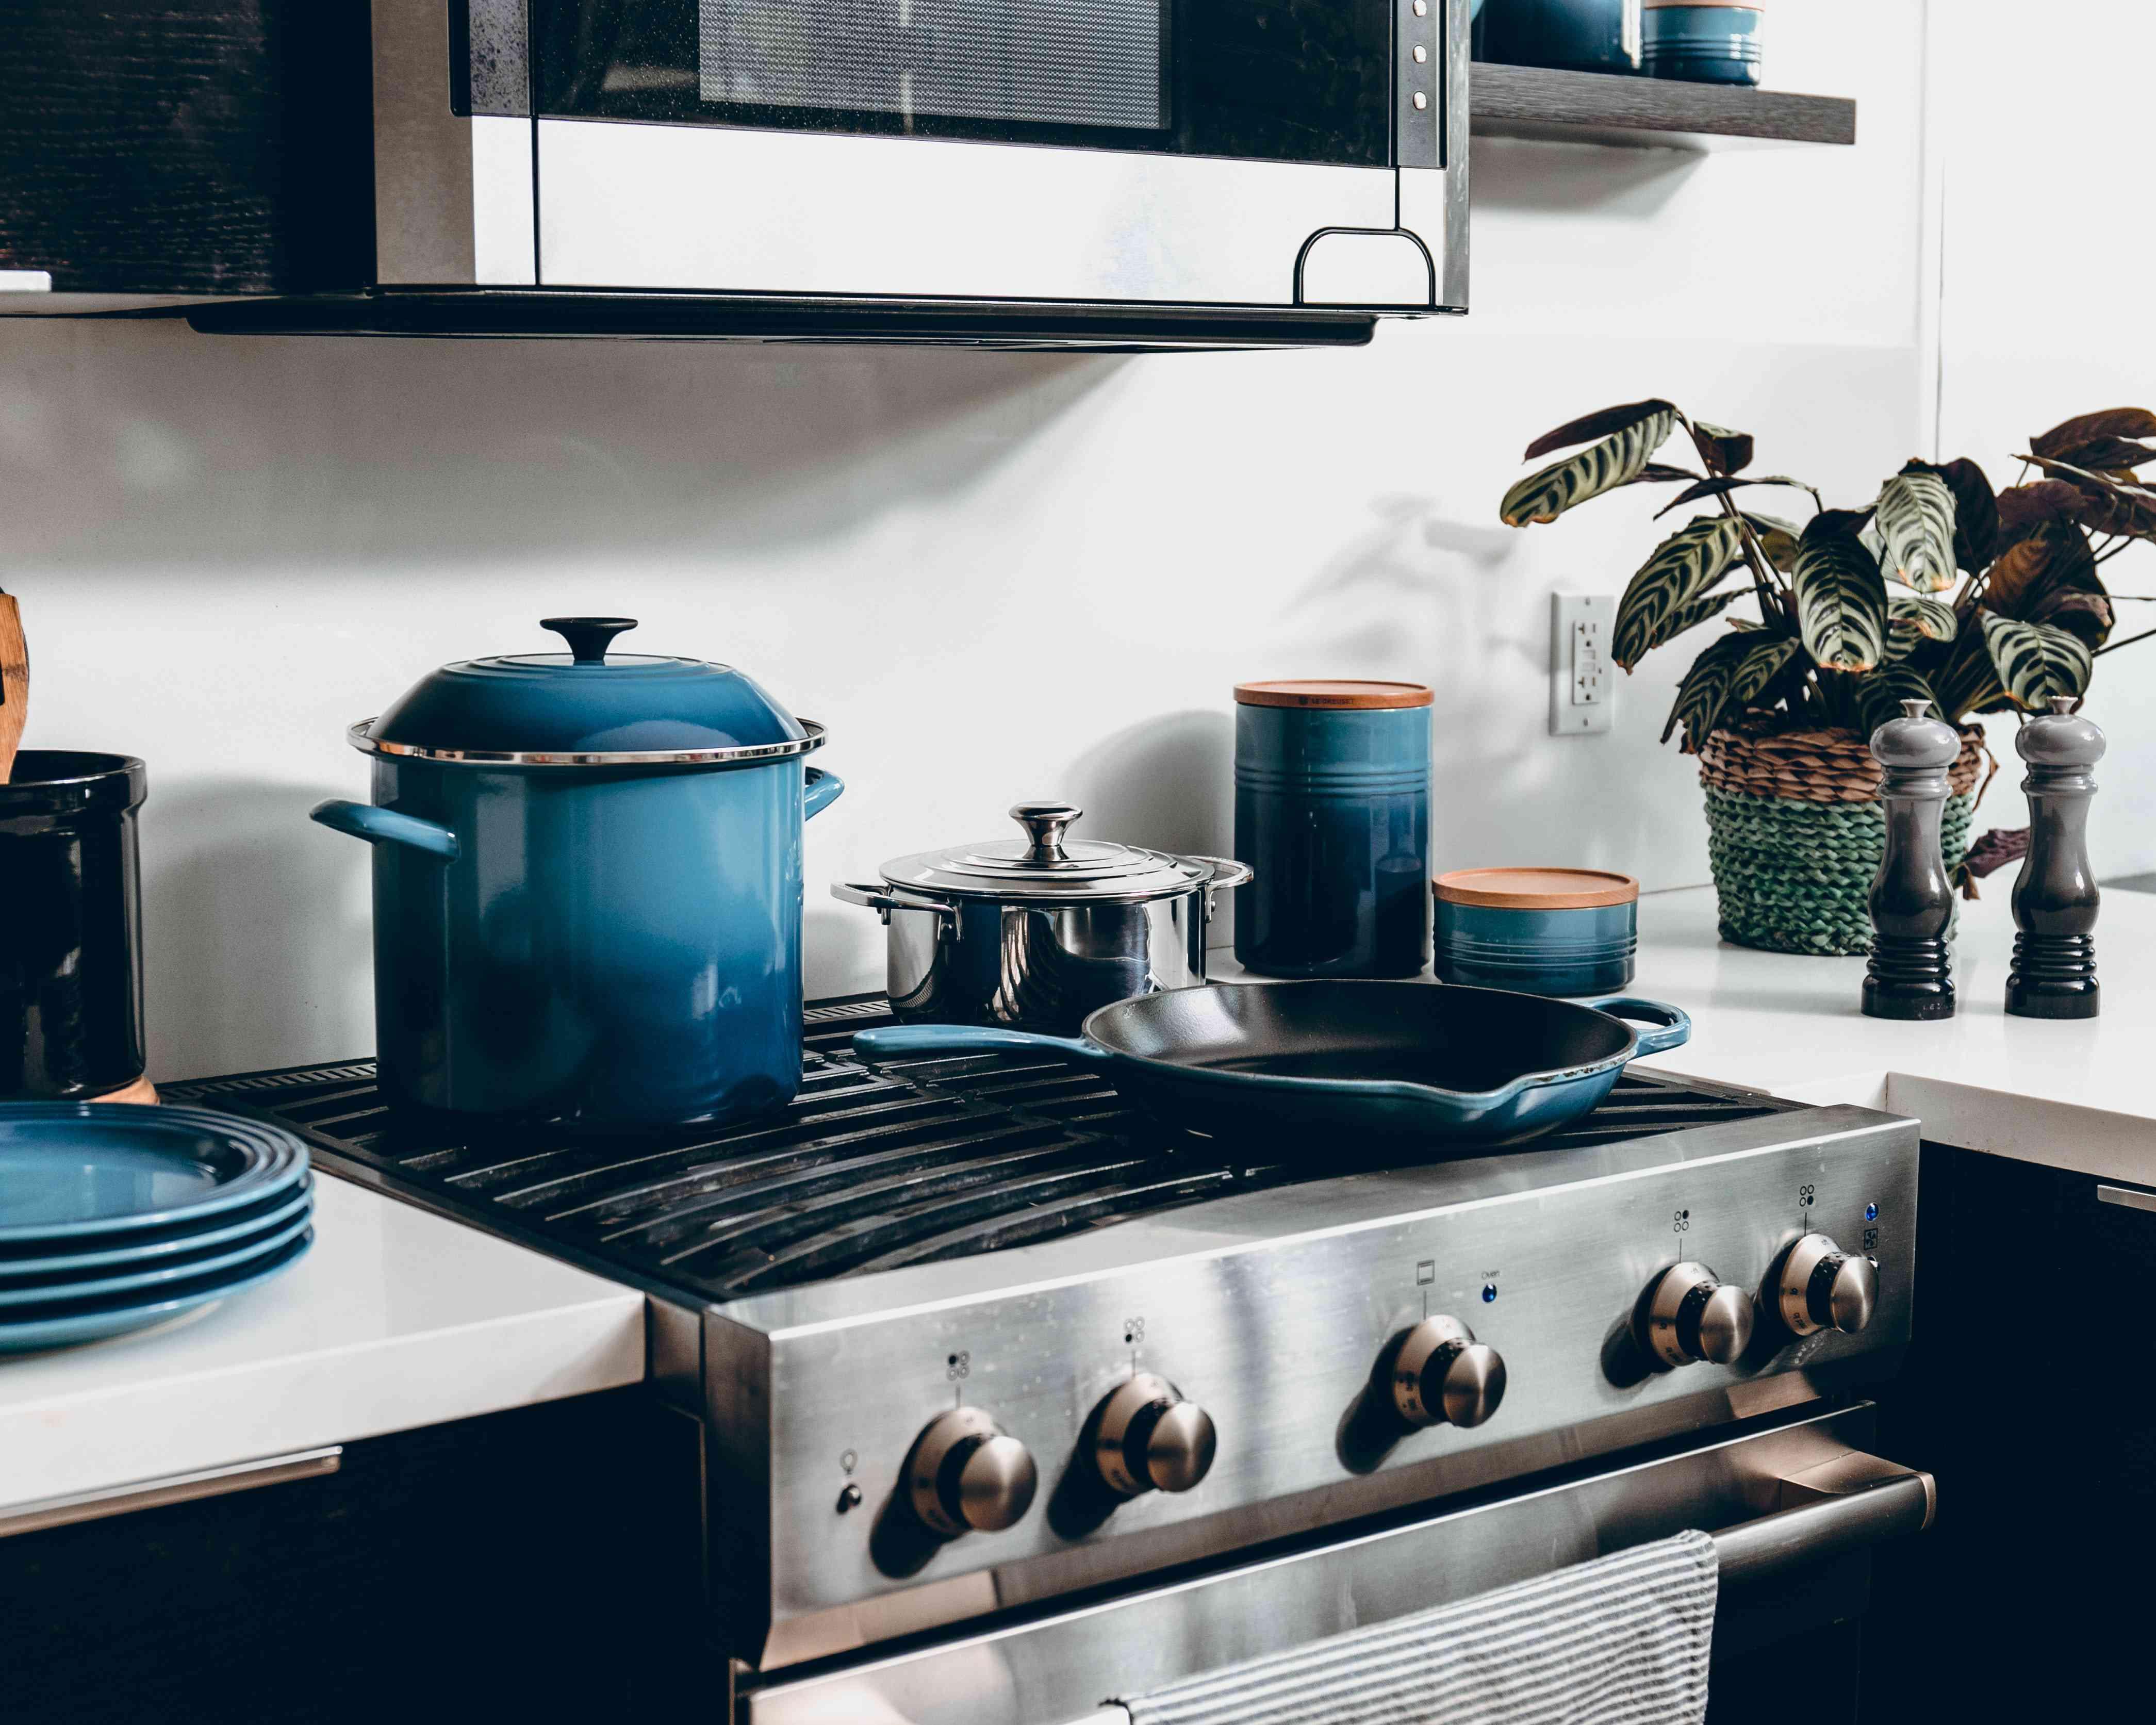 estufa con ollas azules y accesorios en una cocina moderna